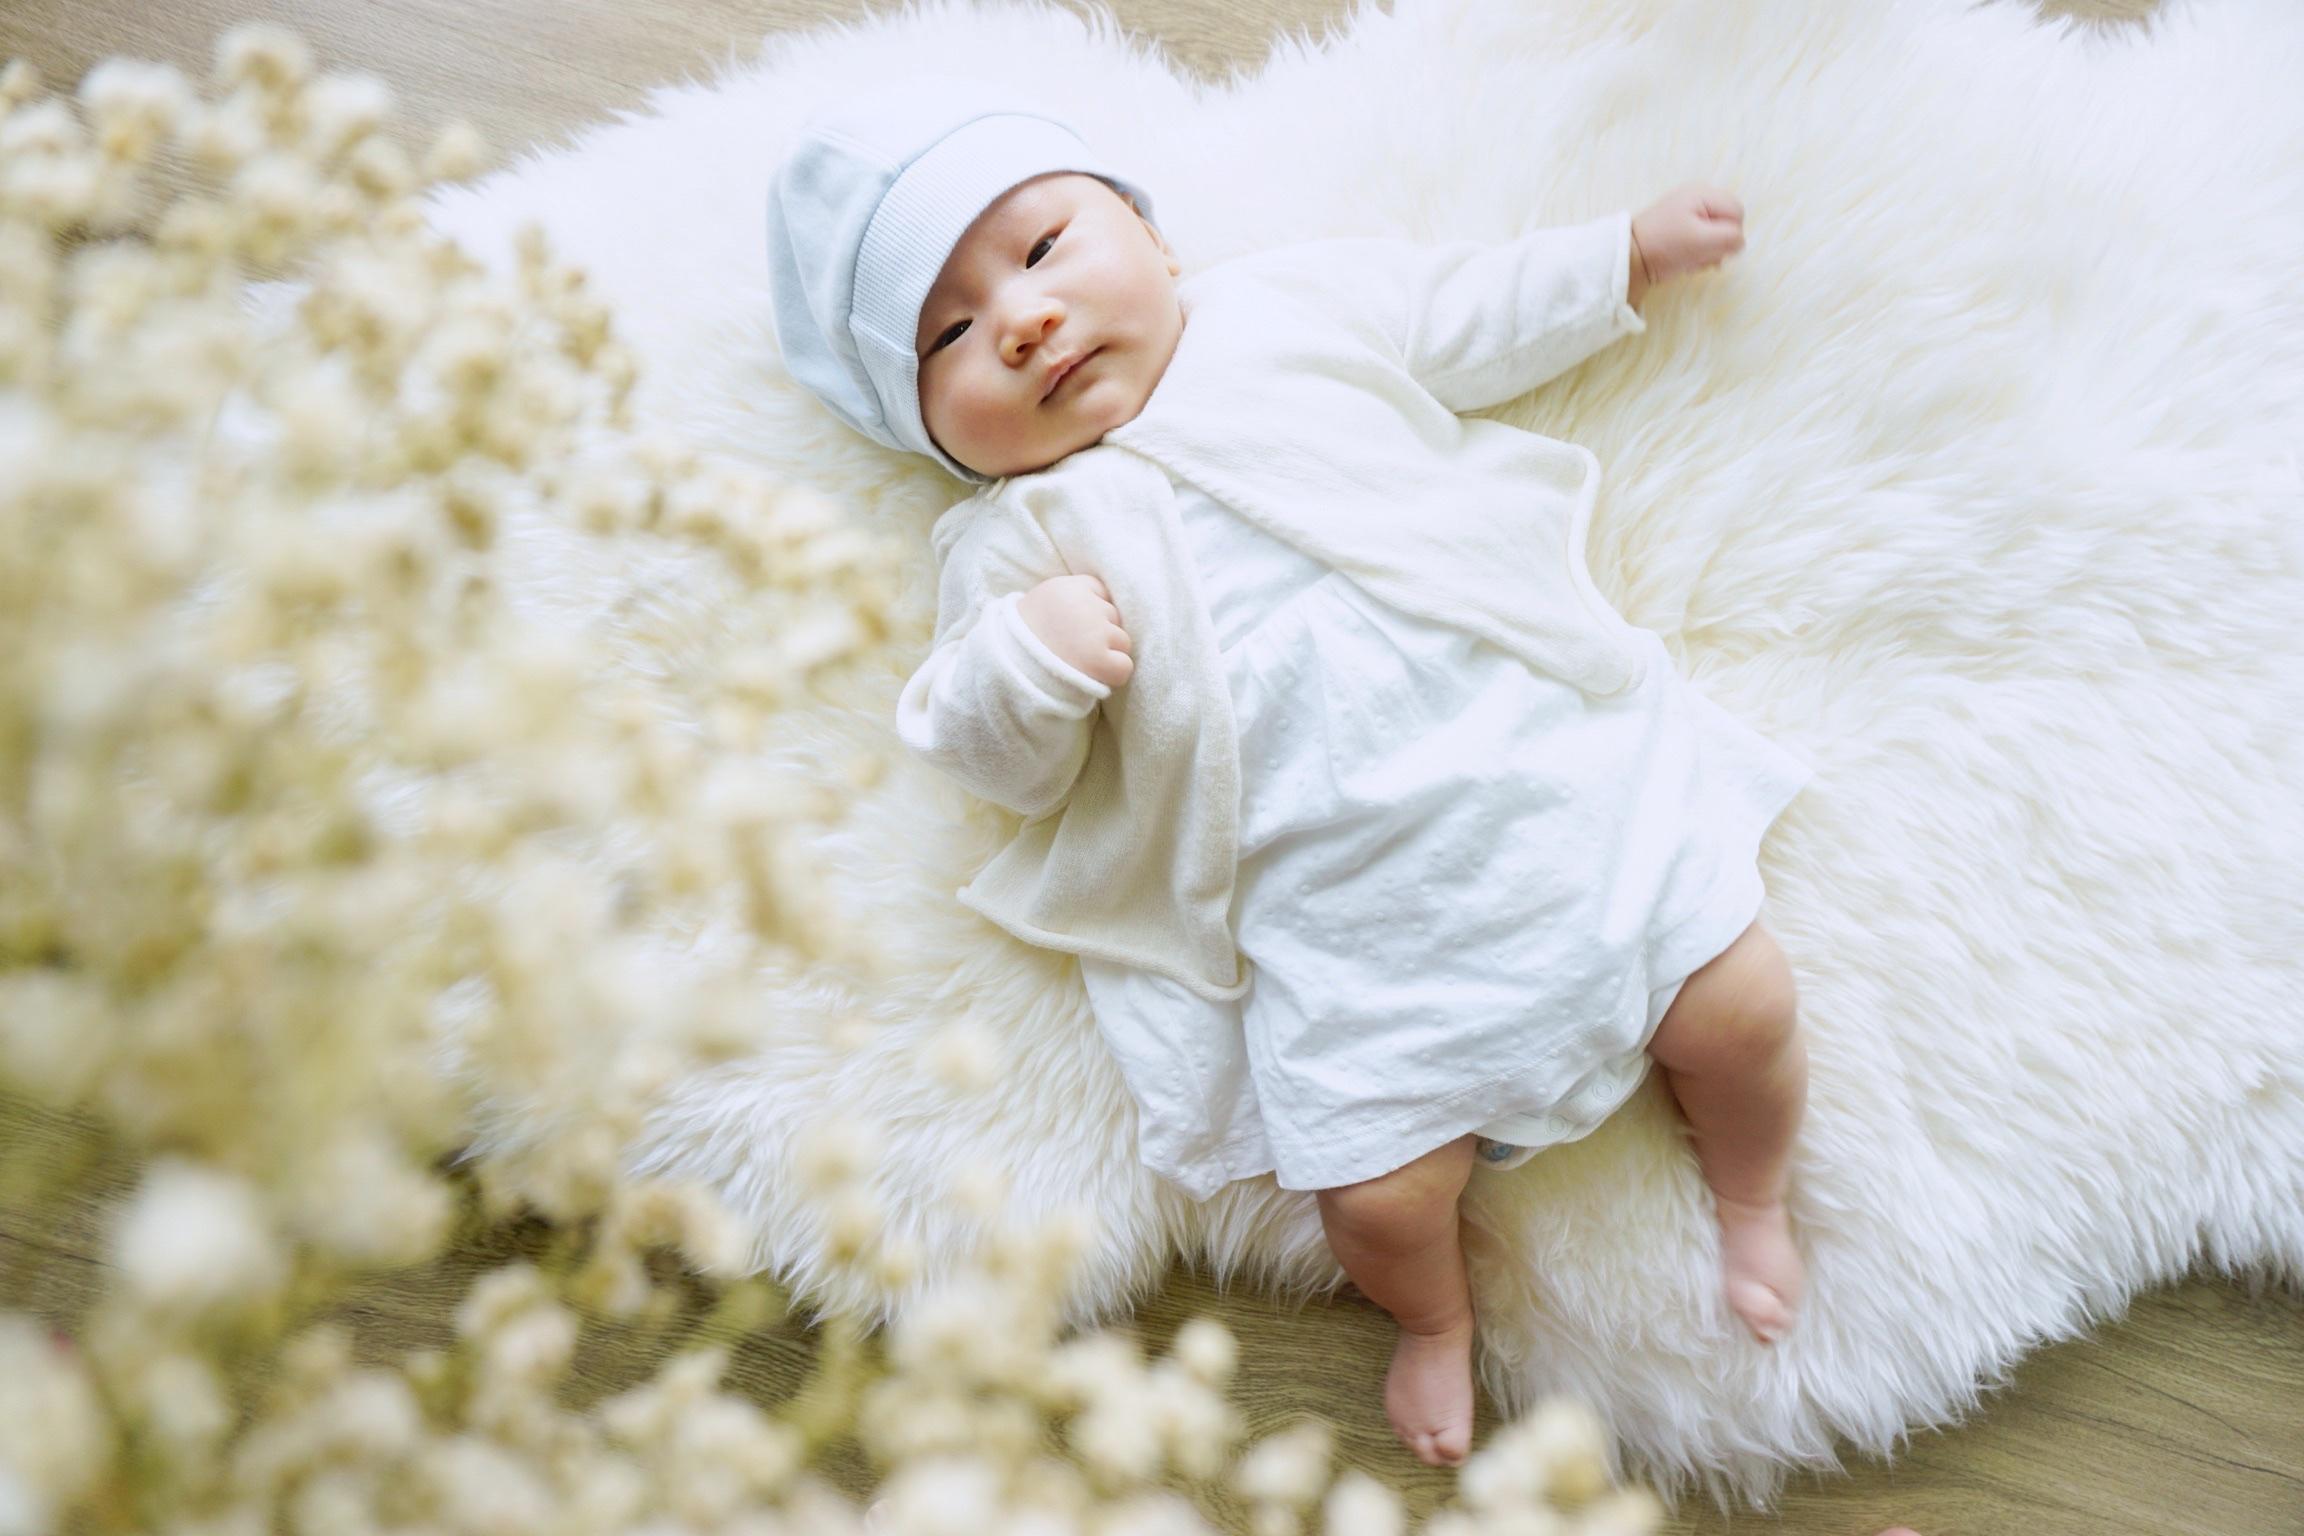 Baby Rei - 9 weeks old